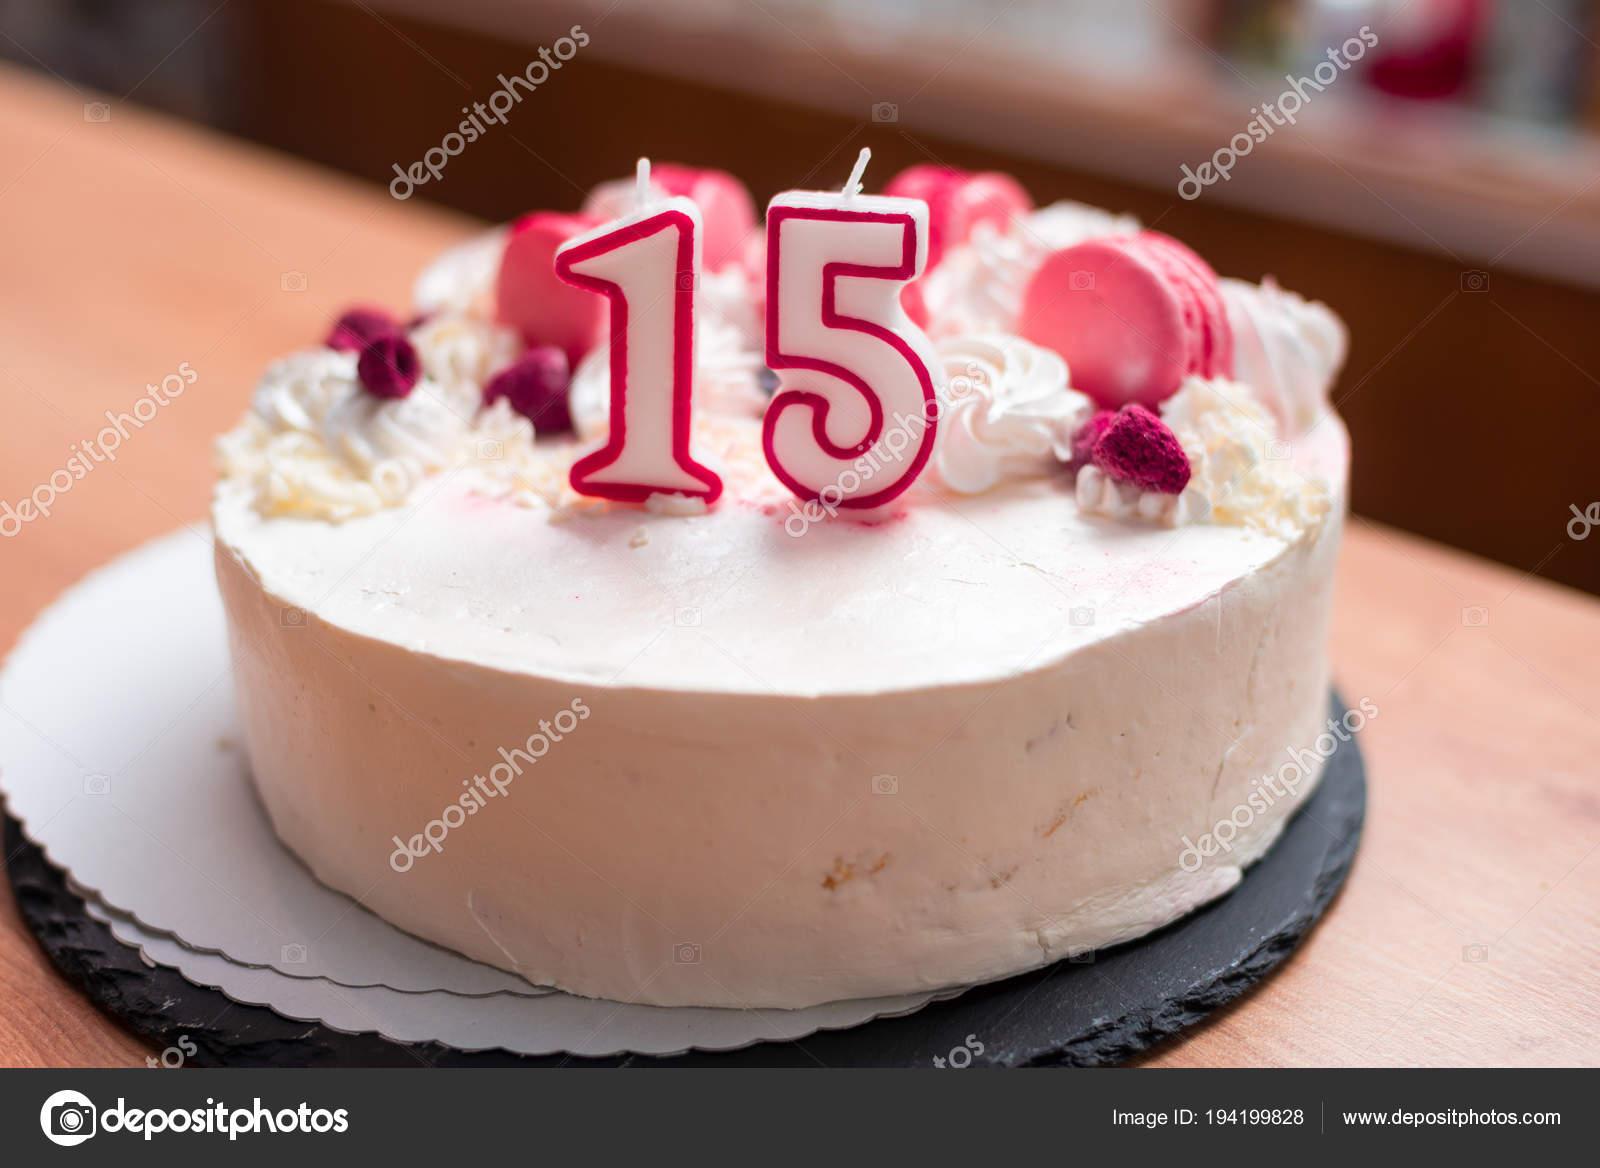 Fantastic Pictures Birthday Cake For Girl Birthday Cake For 15 Years Old Funny Birthday Cards Online Bapapcheapnameinfo